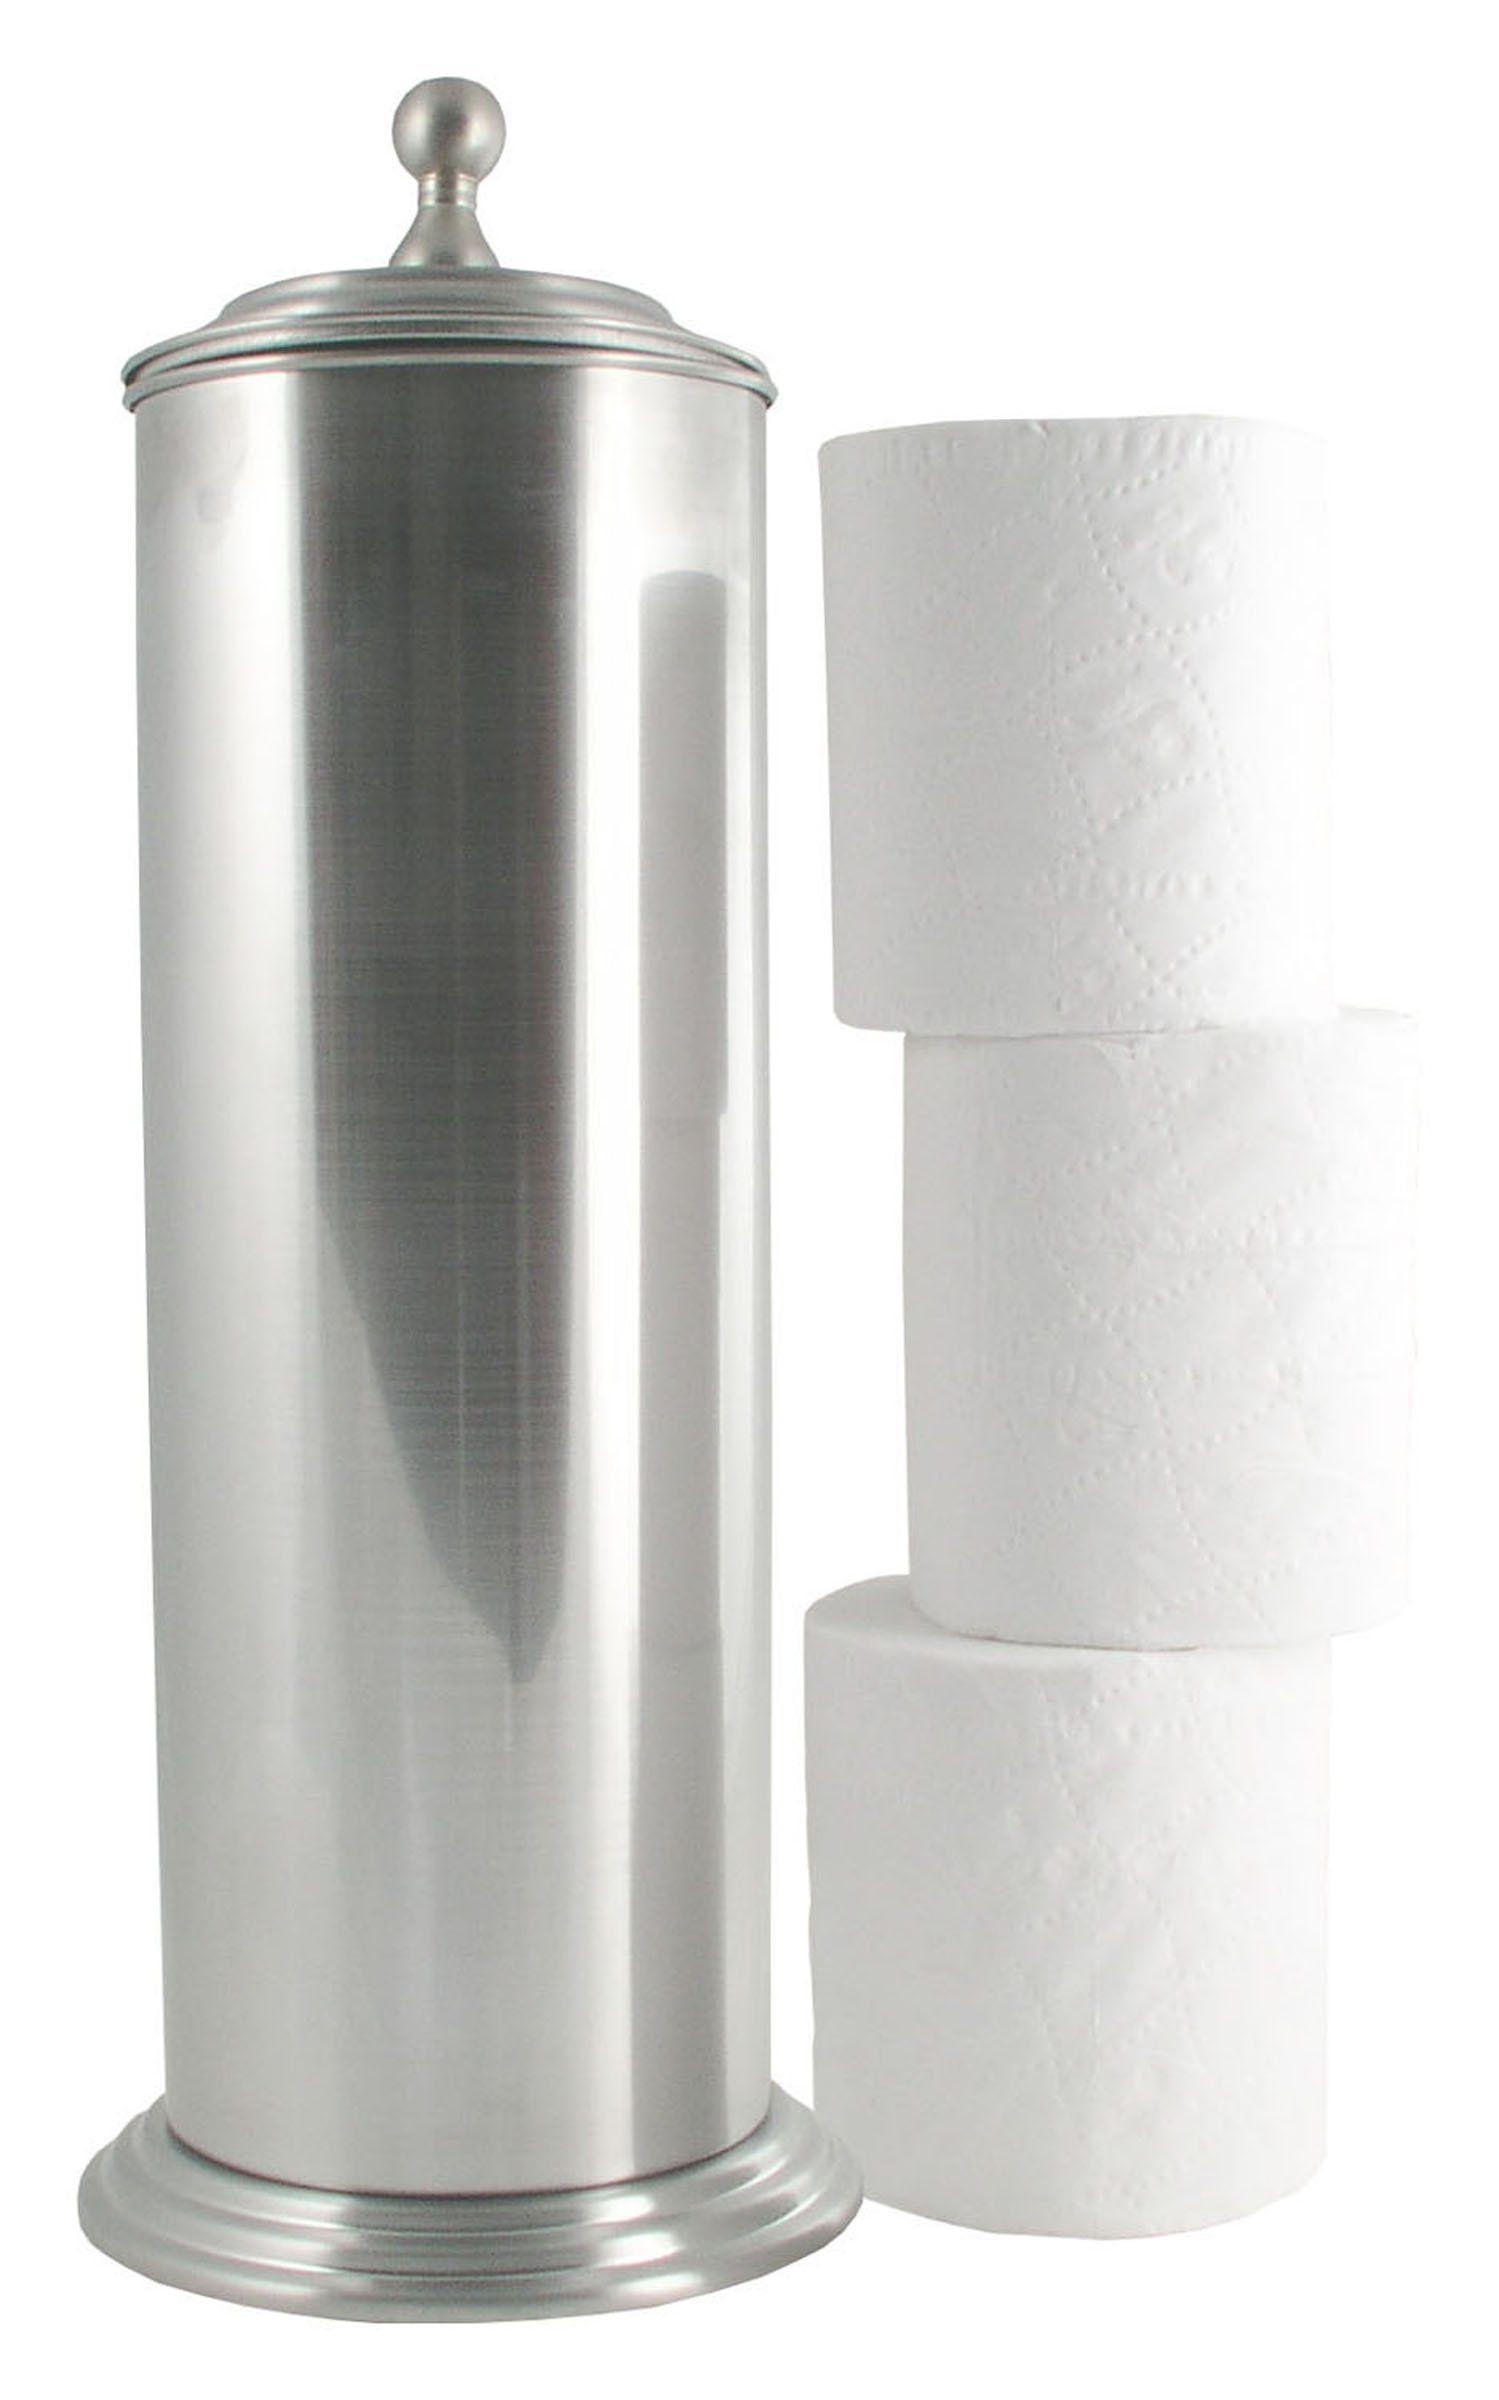 Ldr 164 6456bn Ashton Extra Toilet Paper Holder Brushed Nickel Free Standing Toilet Paper Holder Toilet Paper Holder Canister Paper Holder